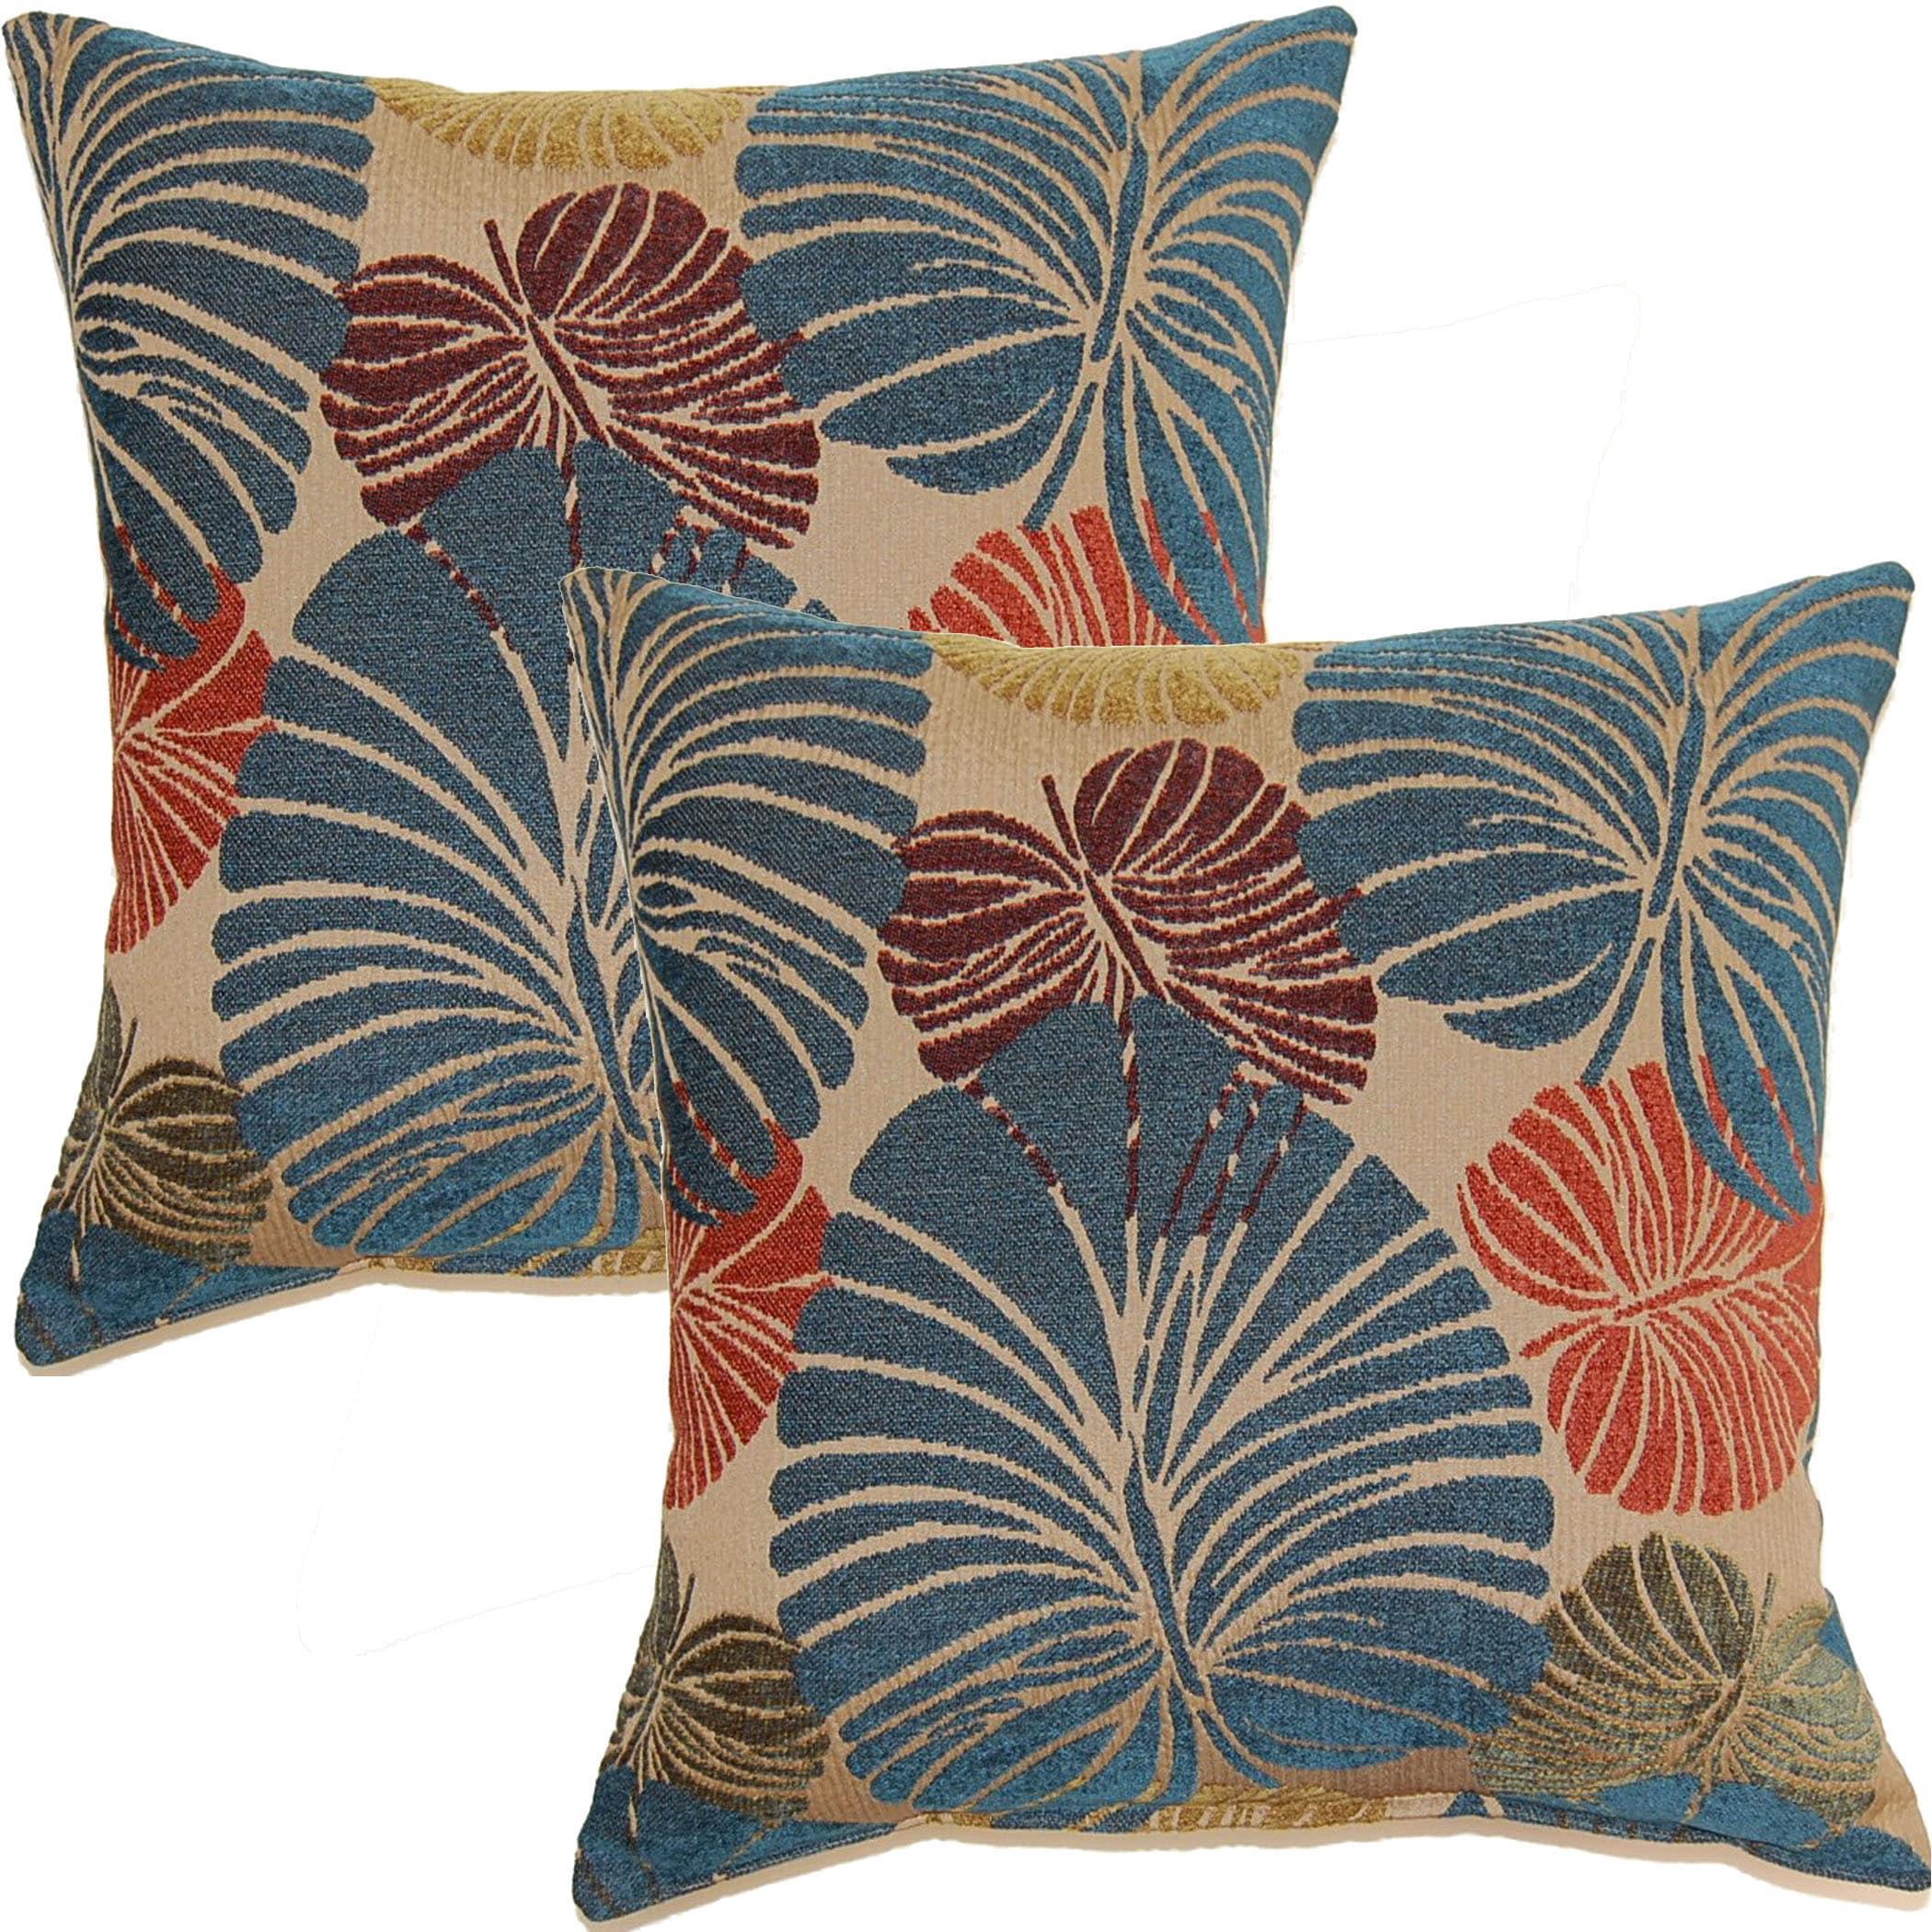 Fern Power 17-in Throw Pillows (Set of 2) (Throw Pillow)